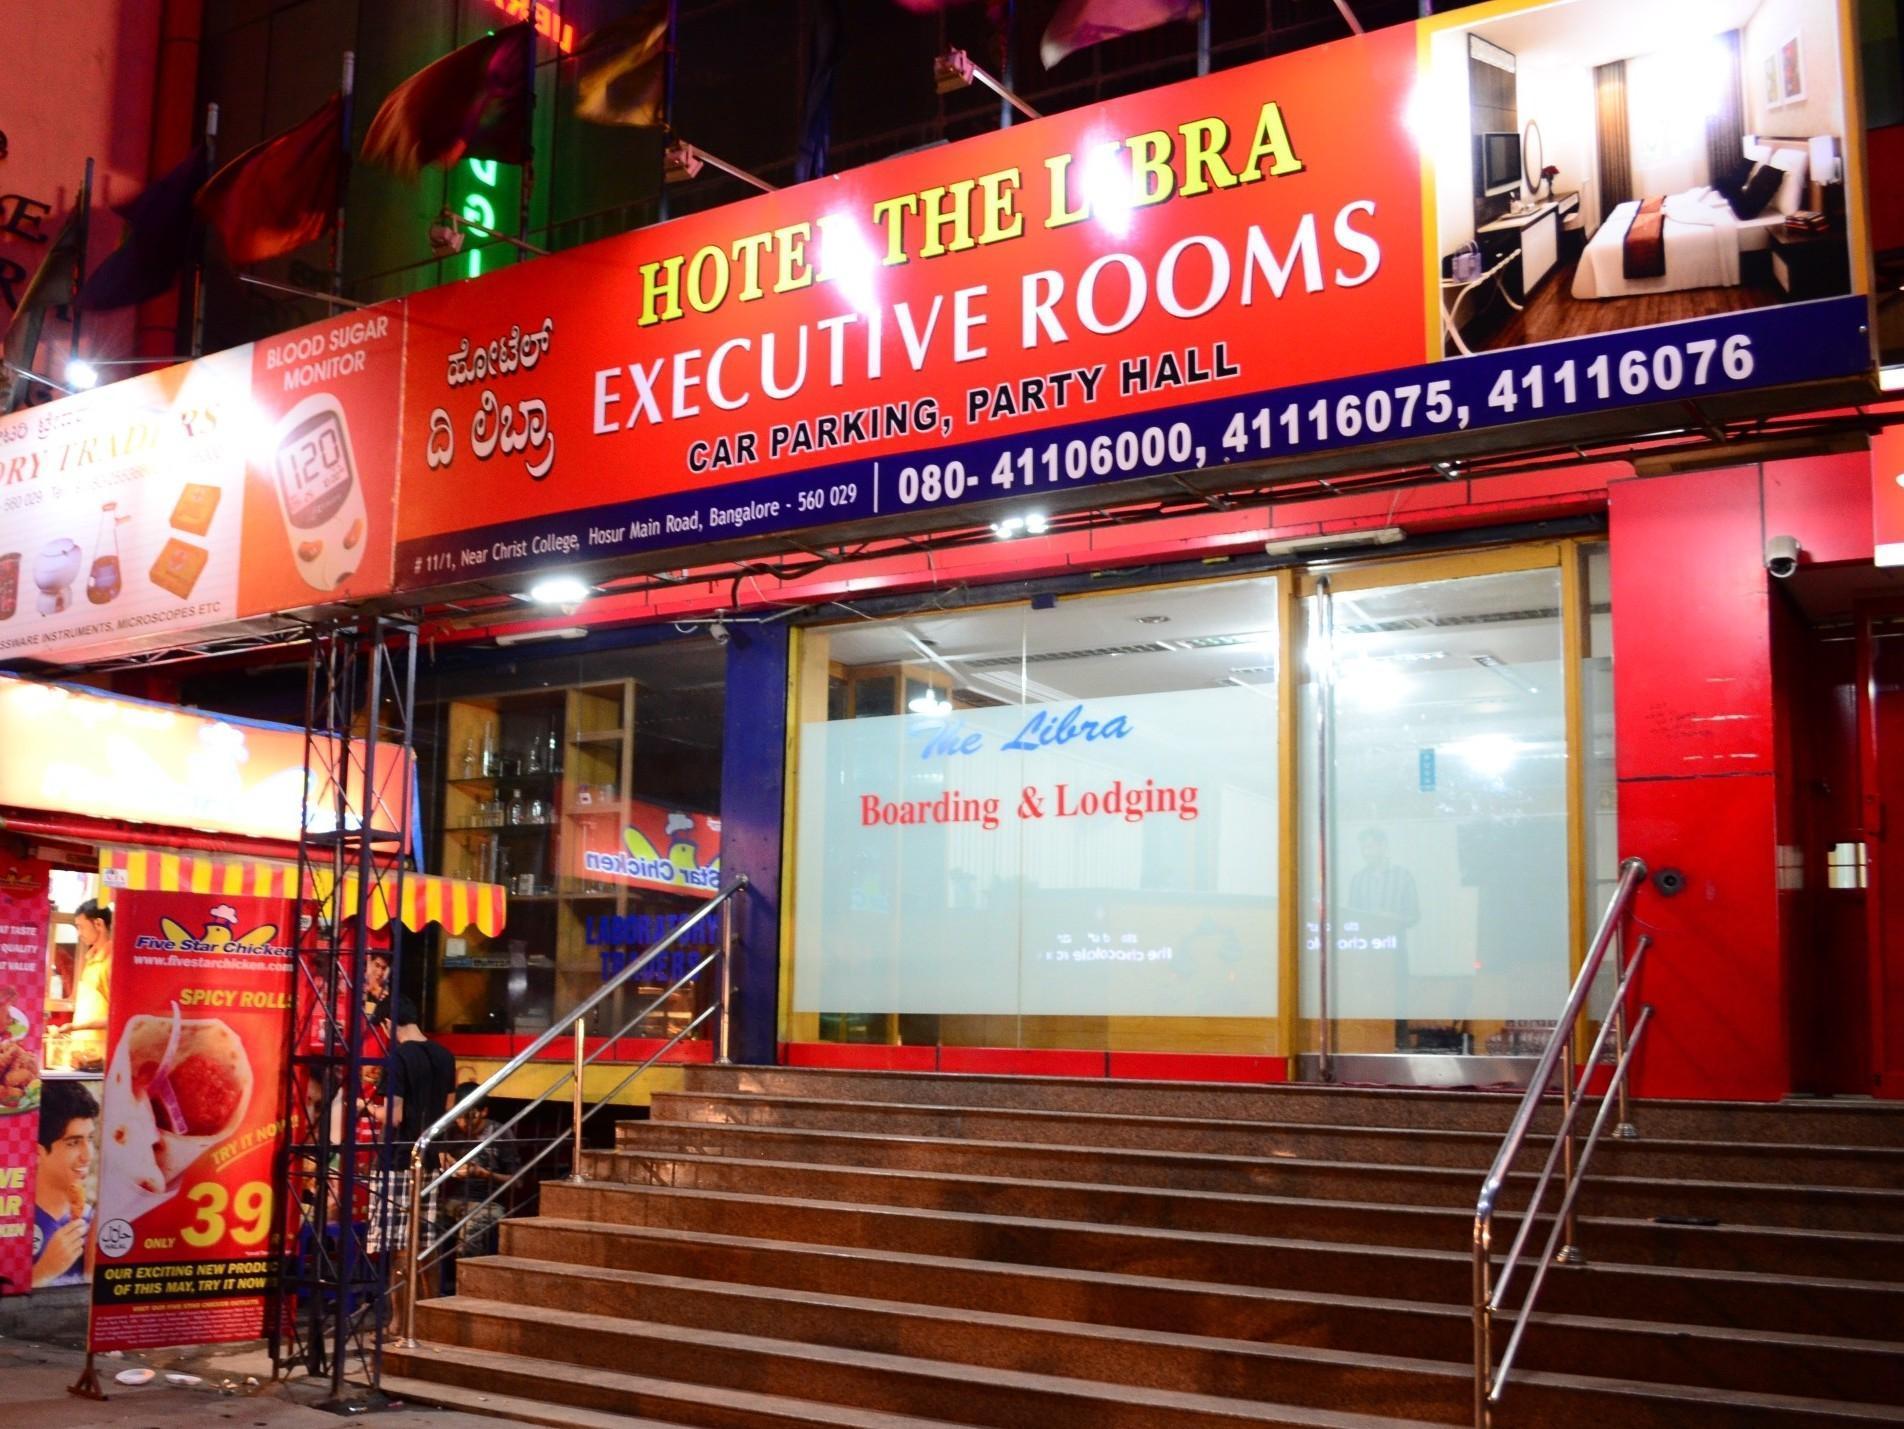 The Libra Hotel